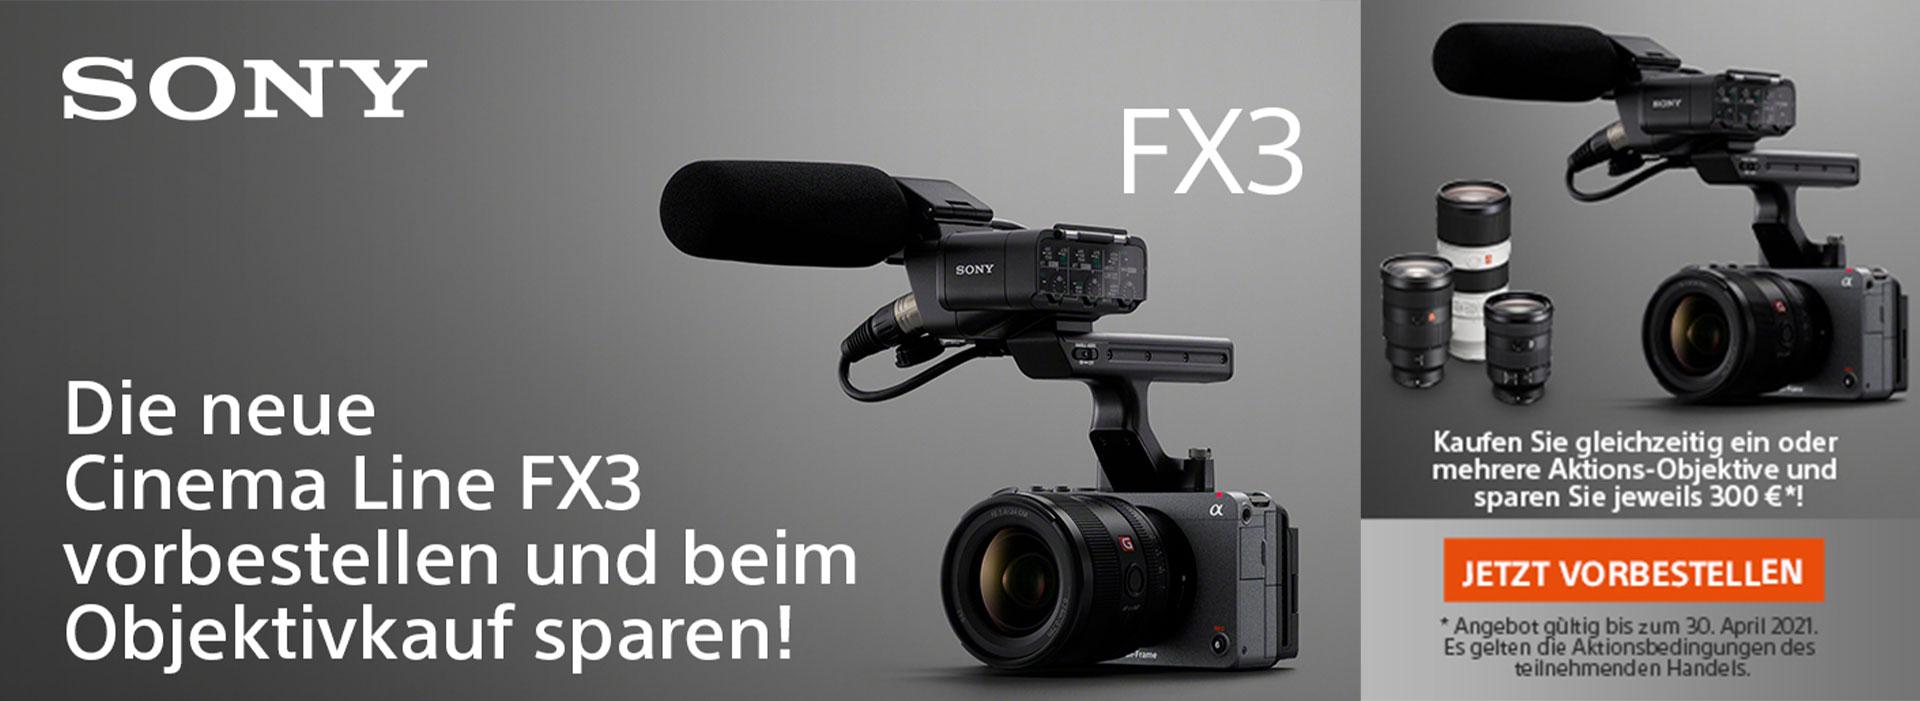 Sony Alpha FX3 Kombi-Rabatt bei Fotomax in Nürnberg und Berlin